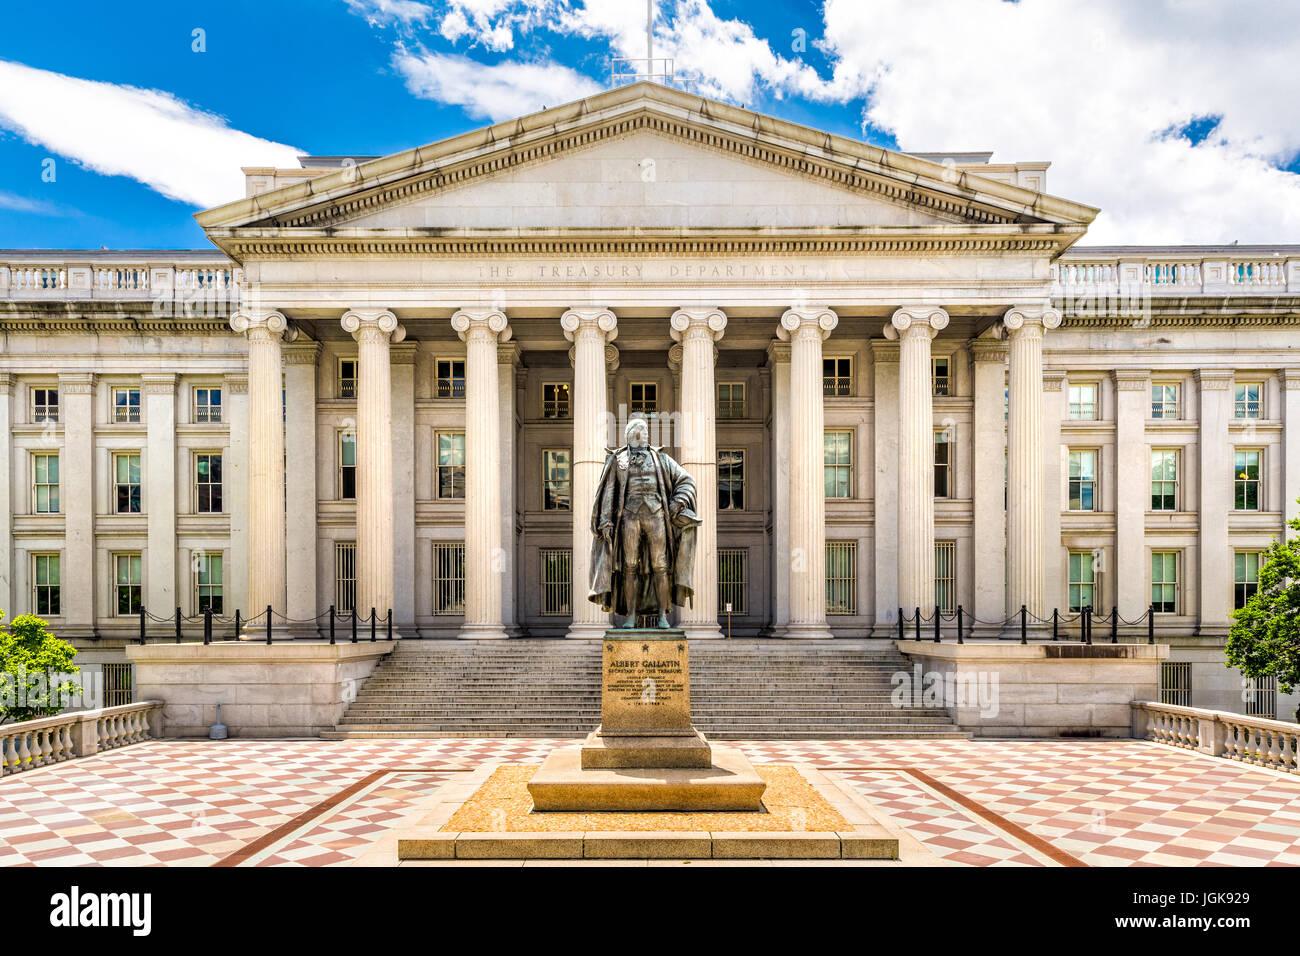 Das Treasury Building in Washington D.C. Dieses öffentliche Gebäude ist ein National Historic Landmark Stockbild